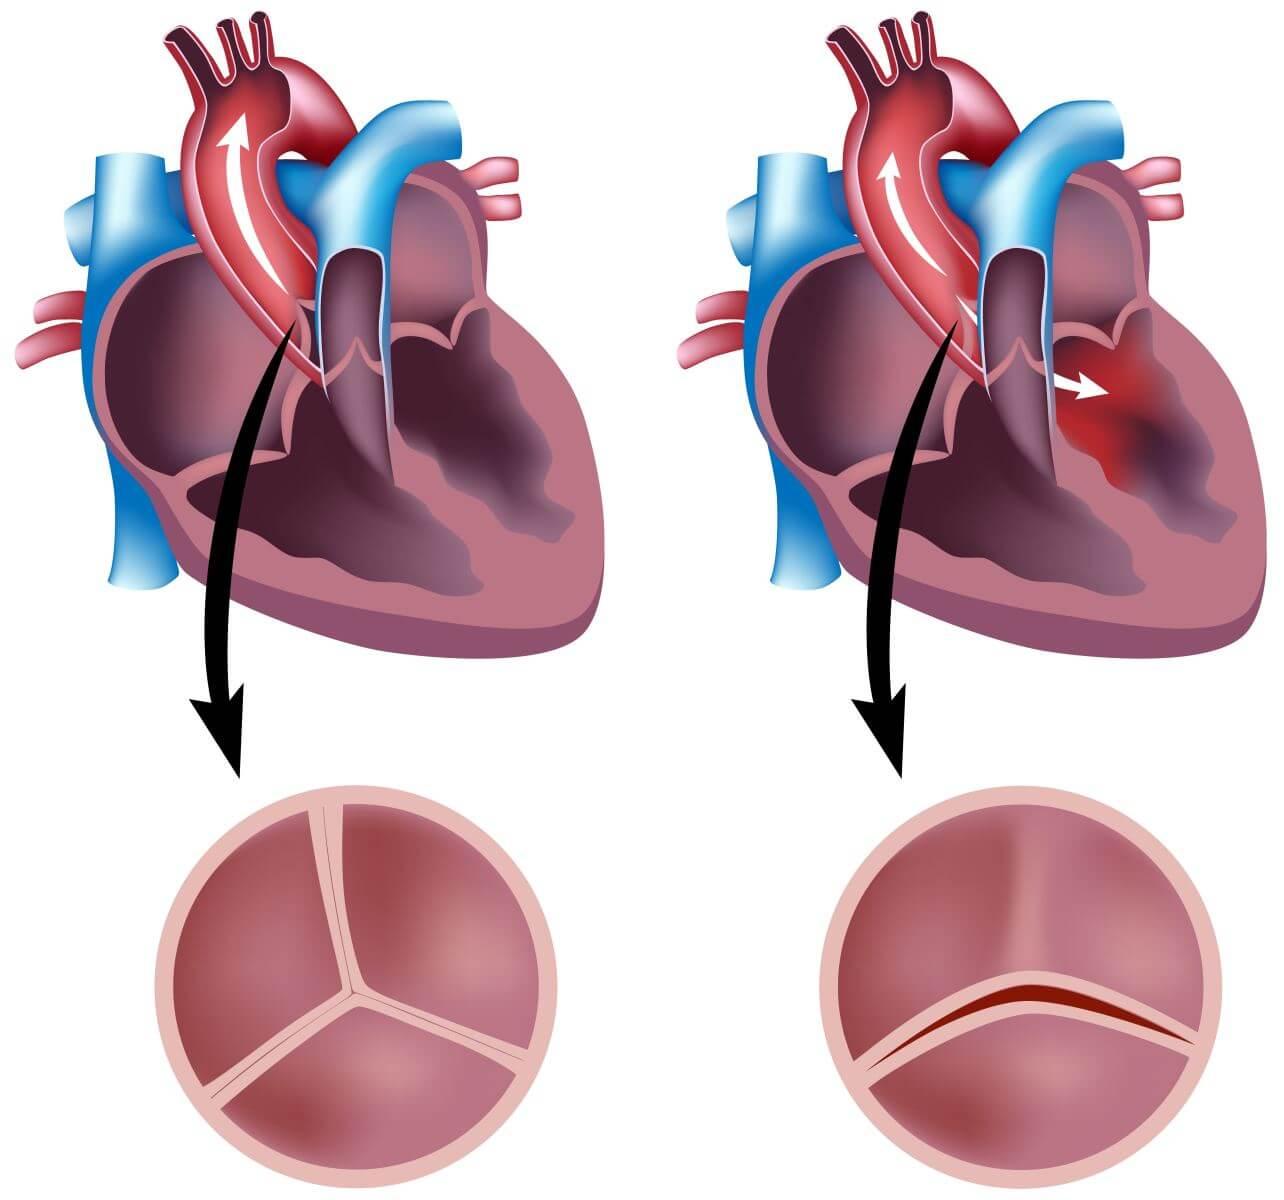 ВПС, двустворчатый аортальный клапан: факторы риска, осложнения и прогноз